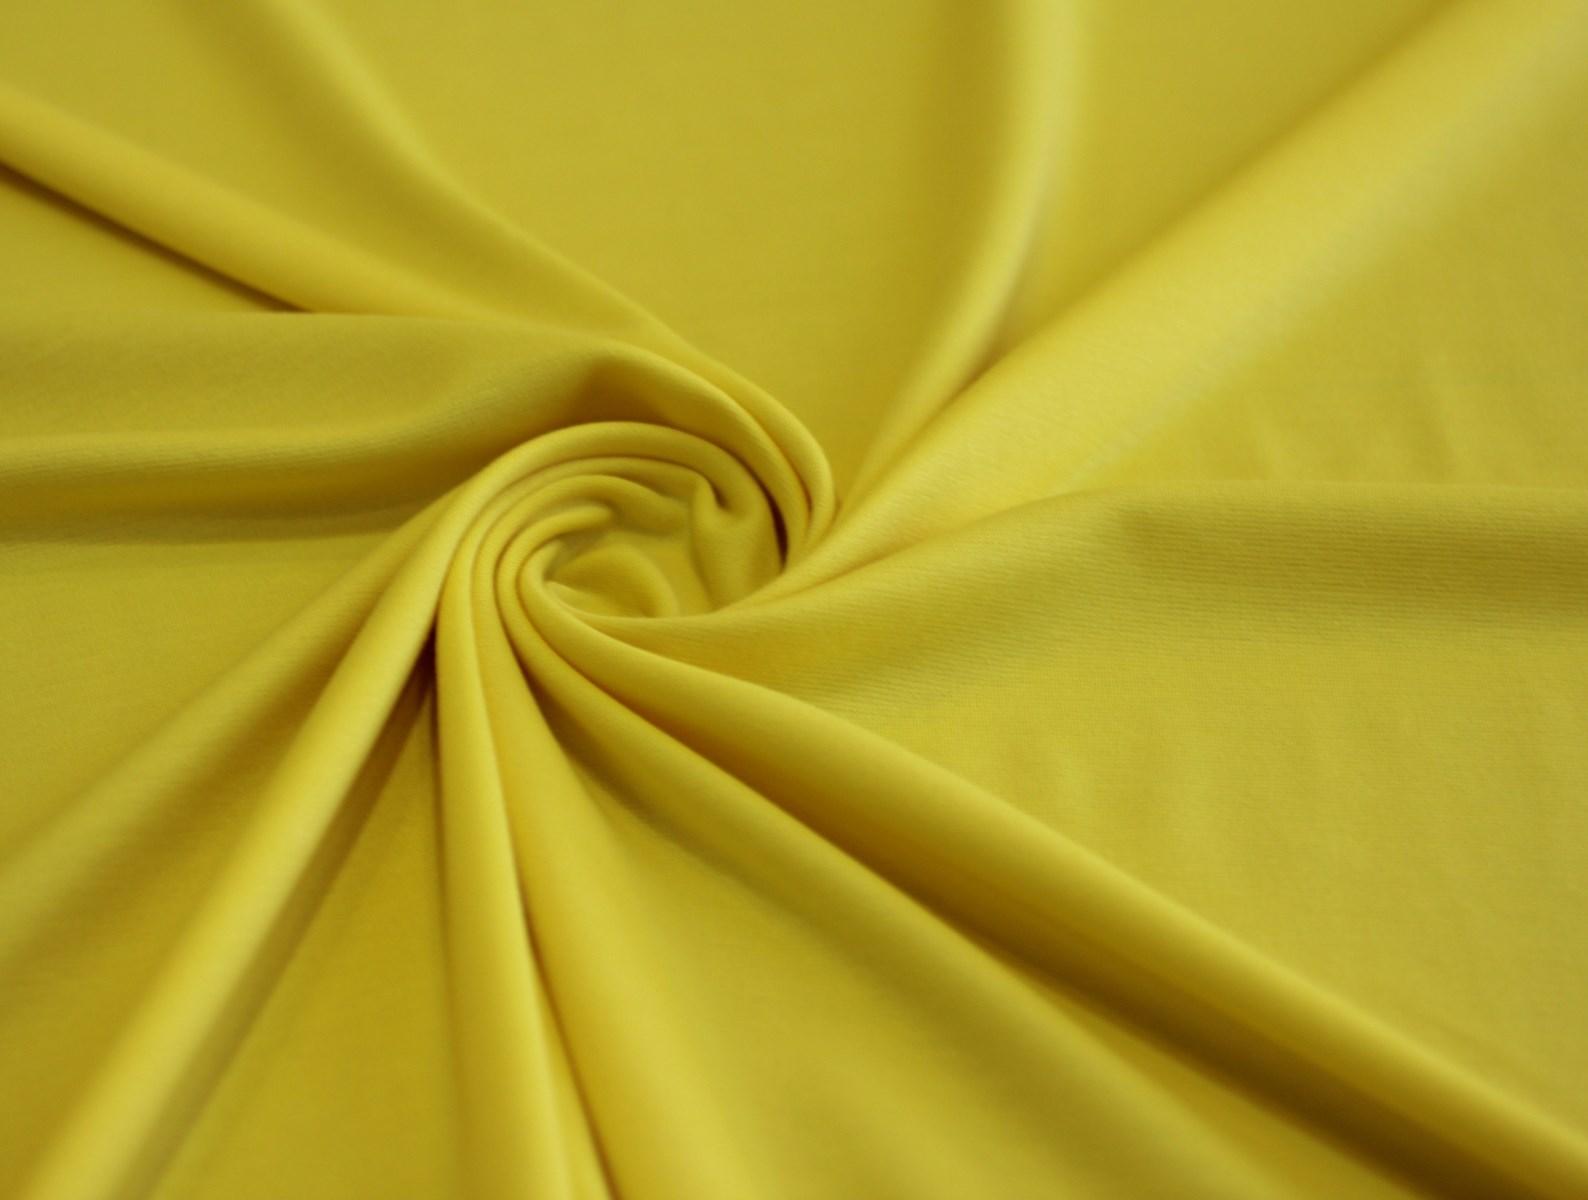 Ткань академик цвет жёлтый